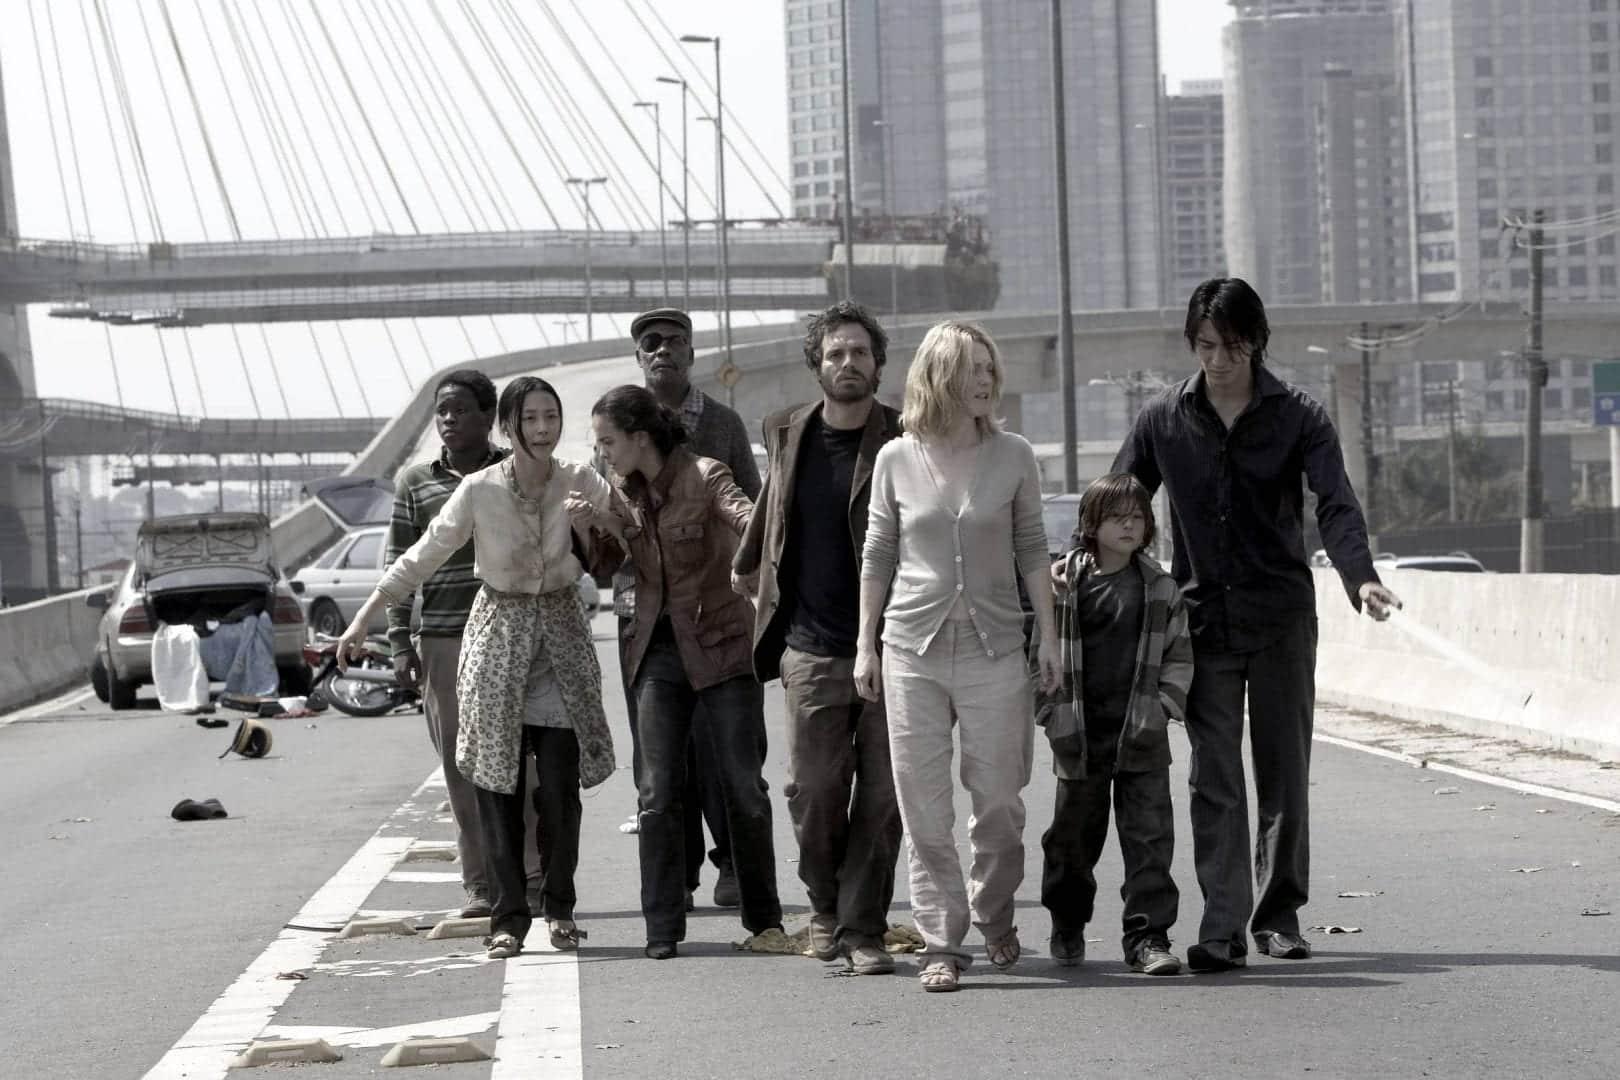 Filmes sobre epidemias - 11 longas que vão te deixar apreensivo